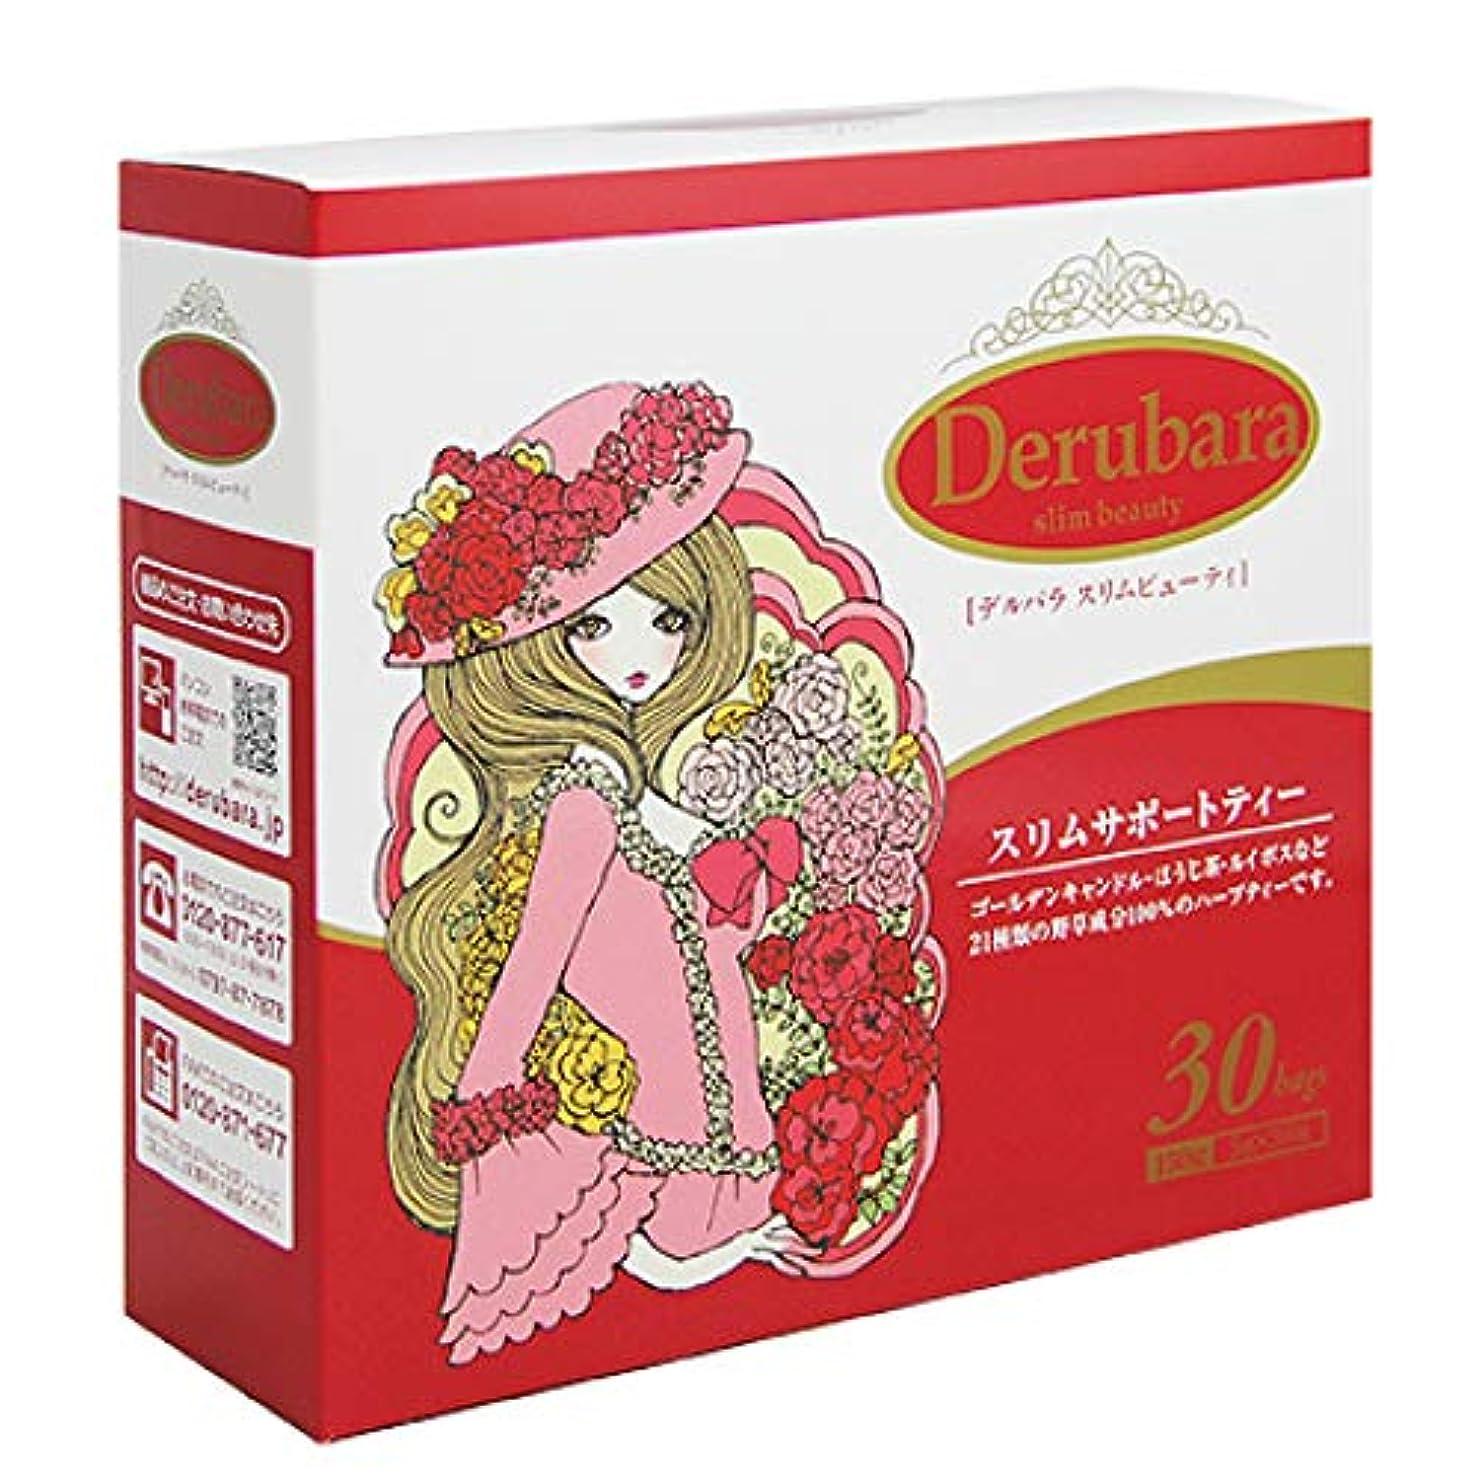 そのようなイソギンチャクボーカルデルバラスリムビューティ 1箱 (1包5g×30包入)朝スッキリ! キャンドルブッシュ お茶